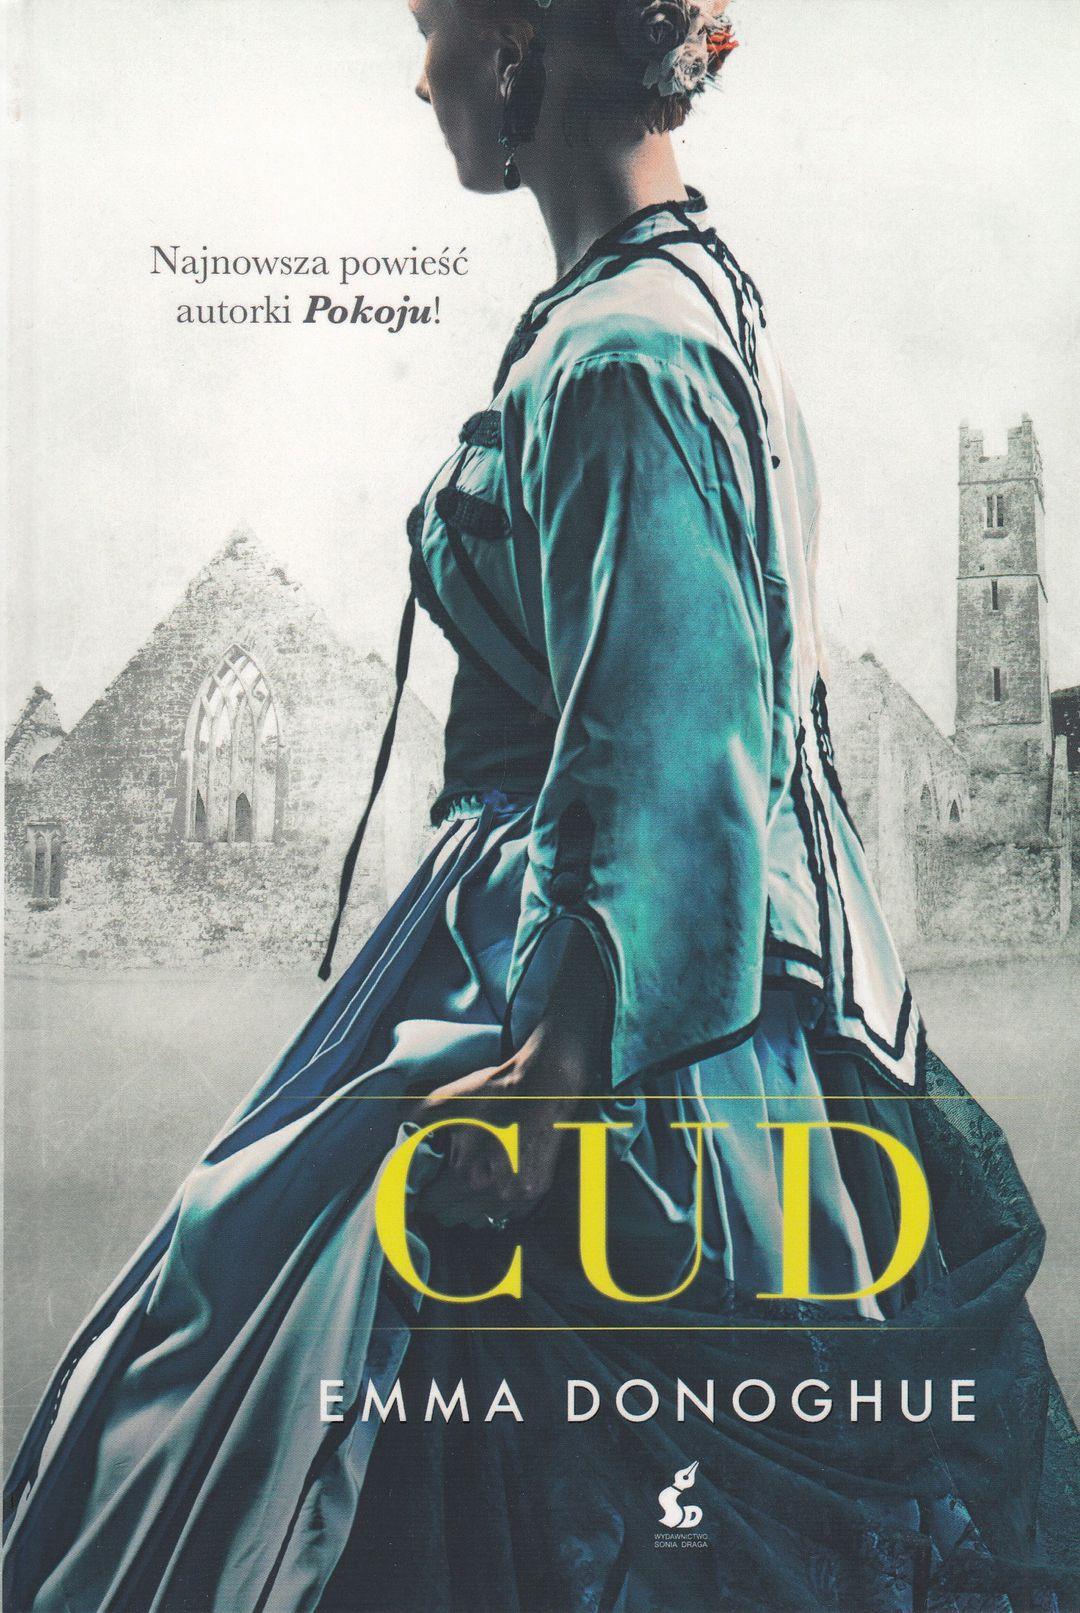 Donoghue Emma – Cud